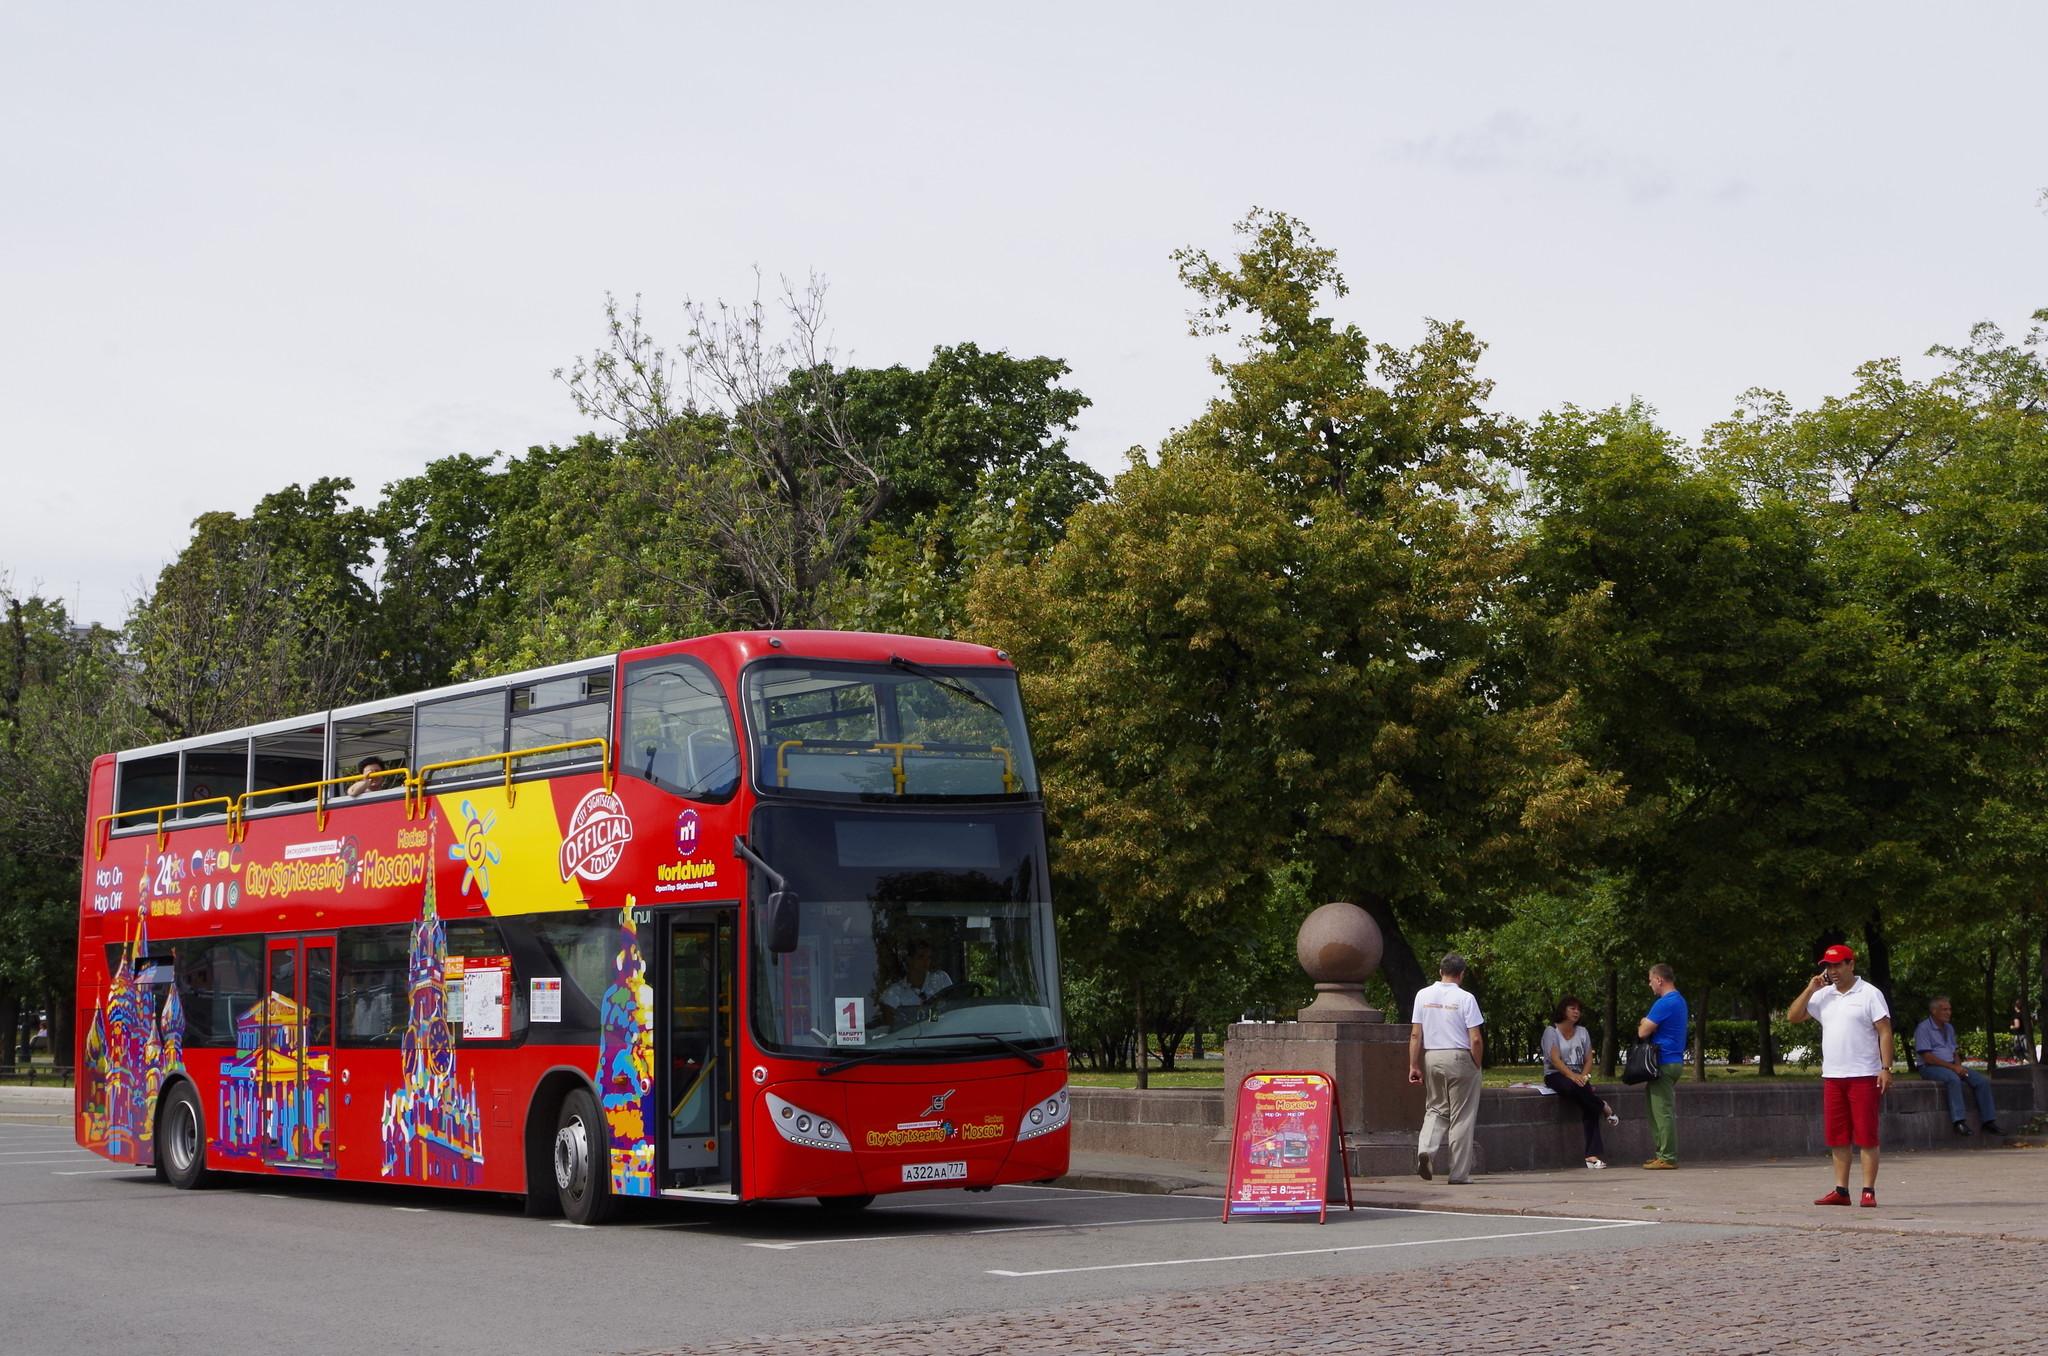 Двухэтажный автобус на Болотной площади